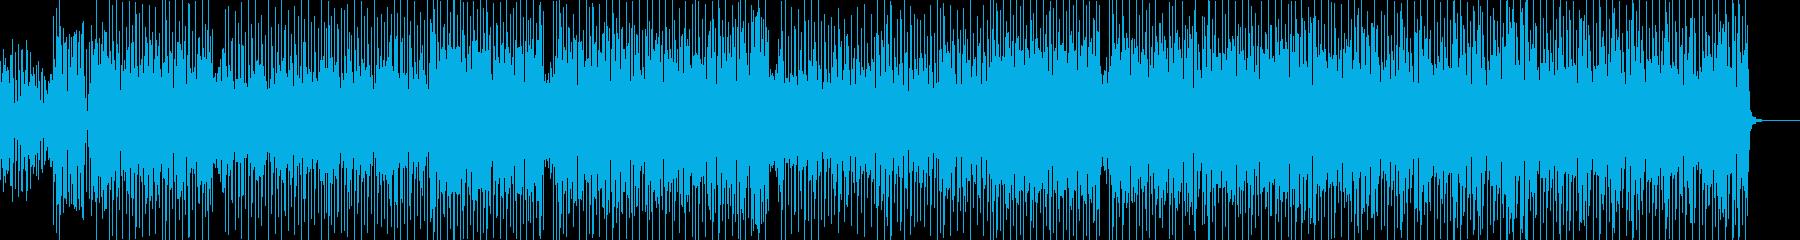 ほのぼのときめきポップスの再生済みの波形